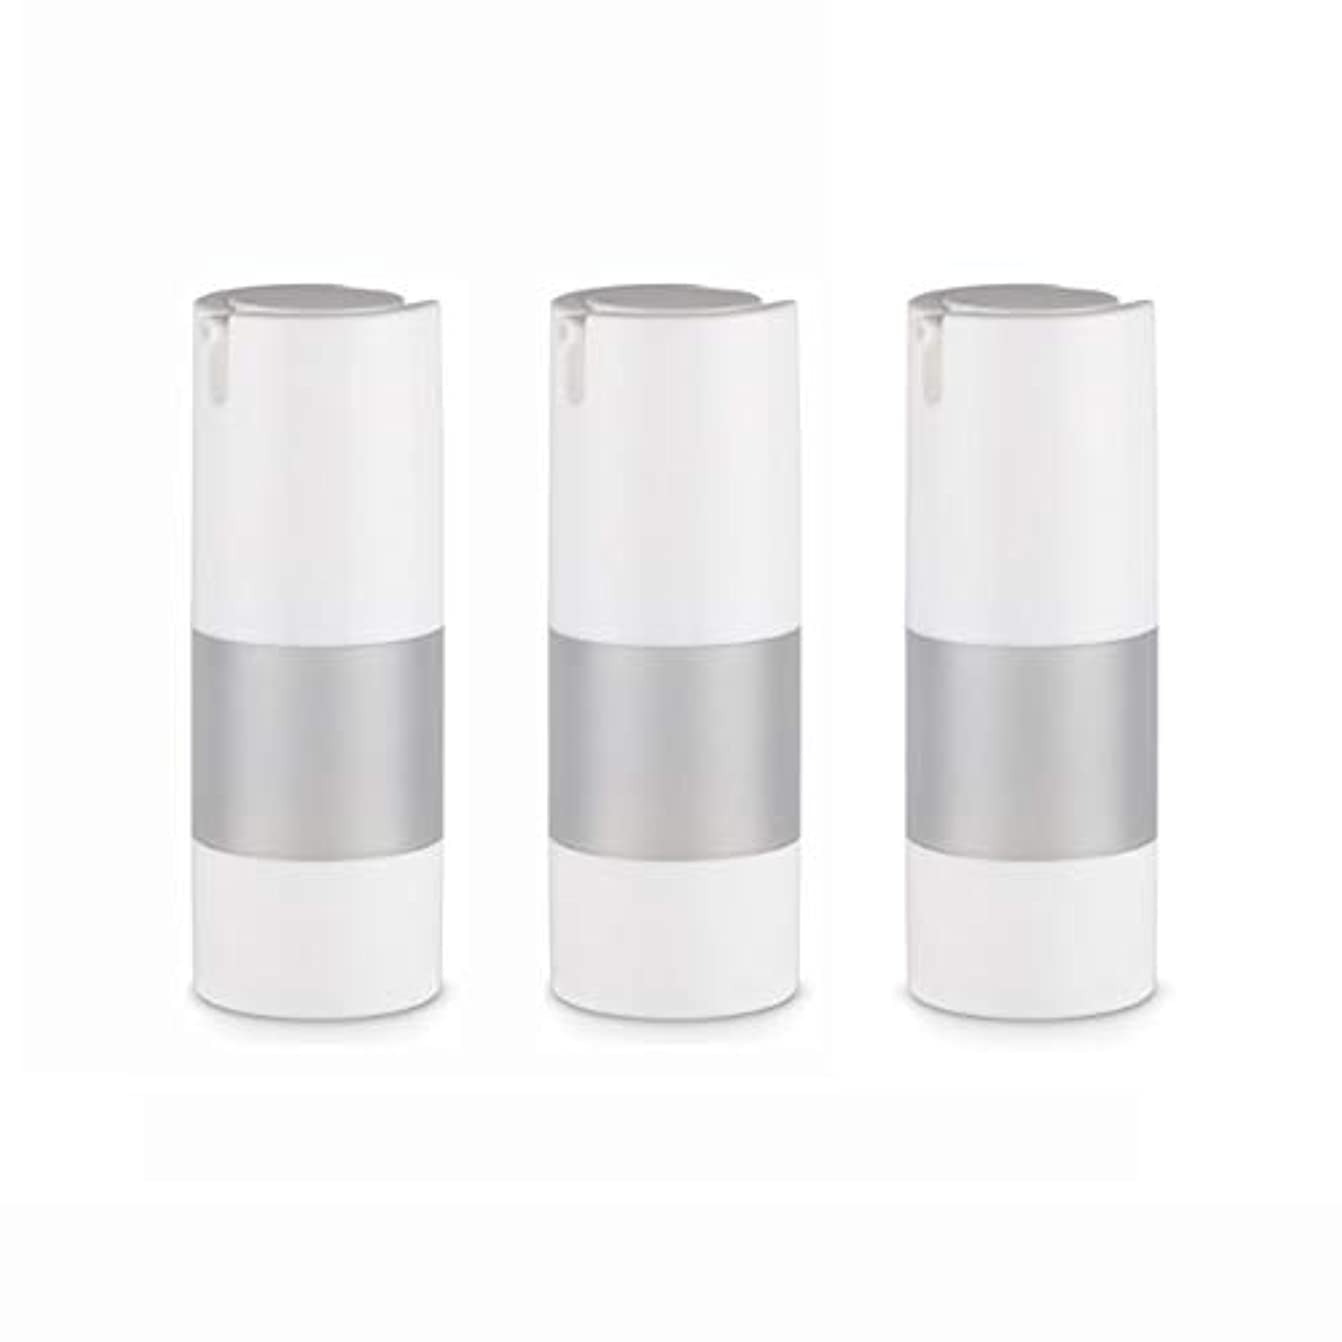 ふりをするインストール些細小分けボトル 乳液 3本セット ディスペンサー ボトル シャンプー ボディーソープ ポンプボトル 真空 ボトル 詰替用ボトル 旅行用 (乳液15ml)